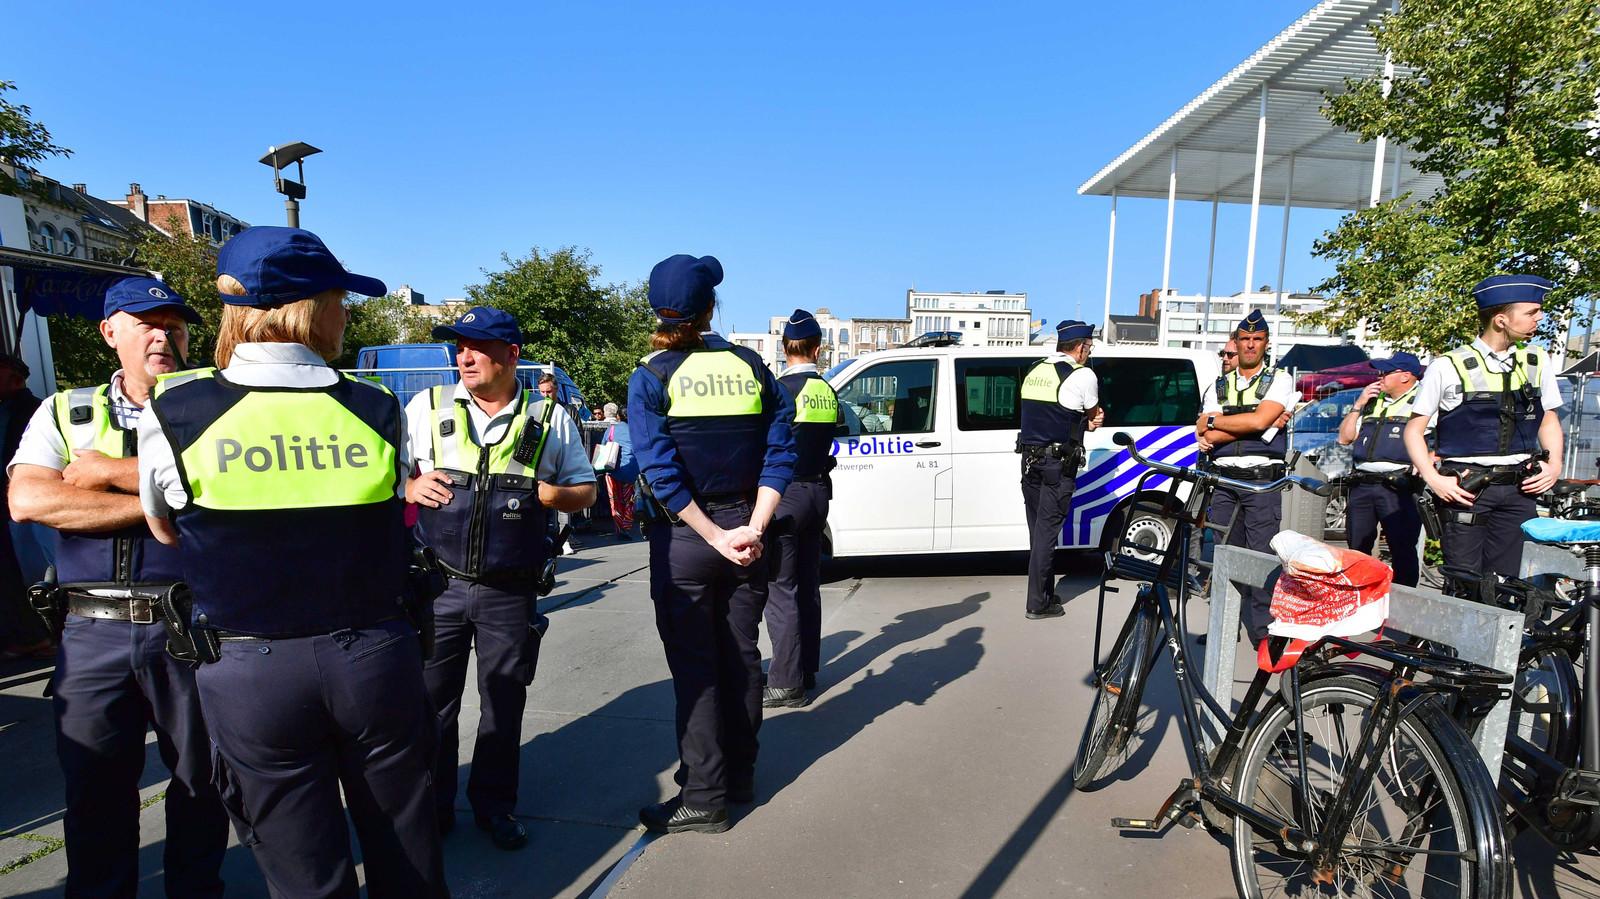 Politieagenten surveilleren.